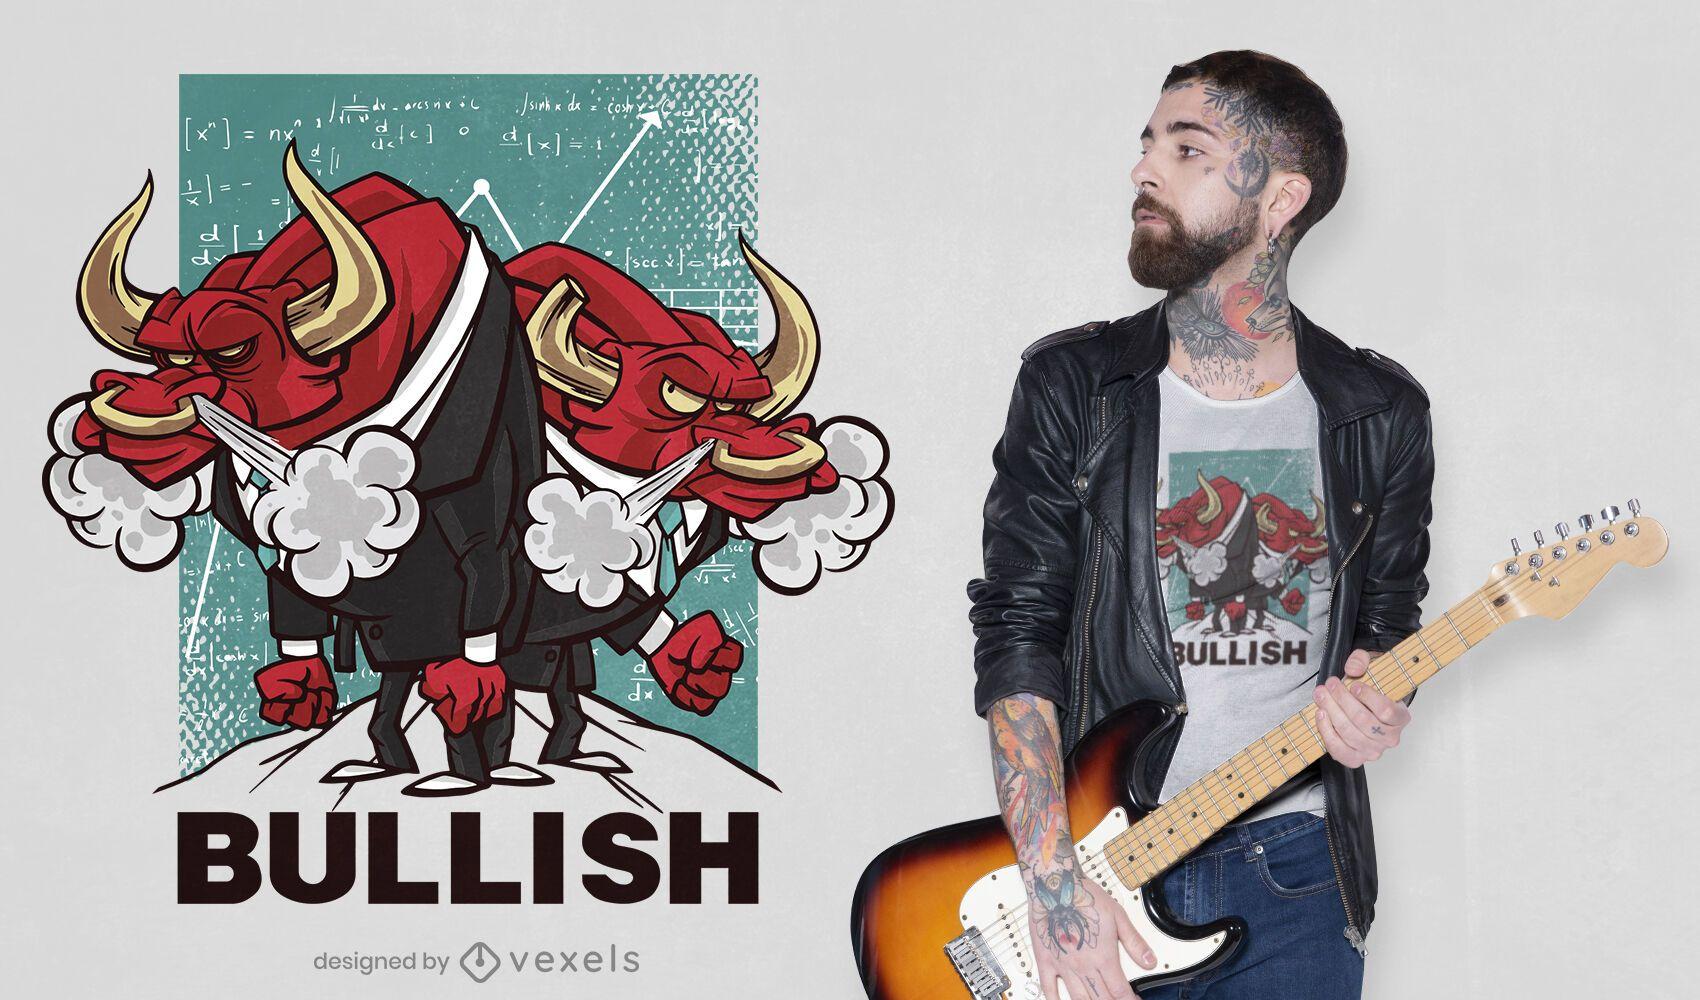 Bullish t-shirt design